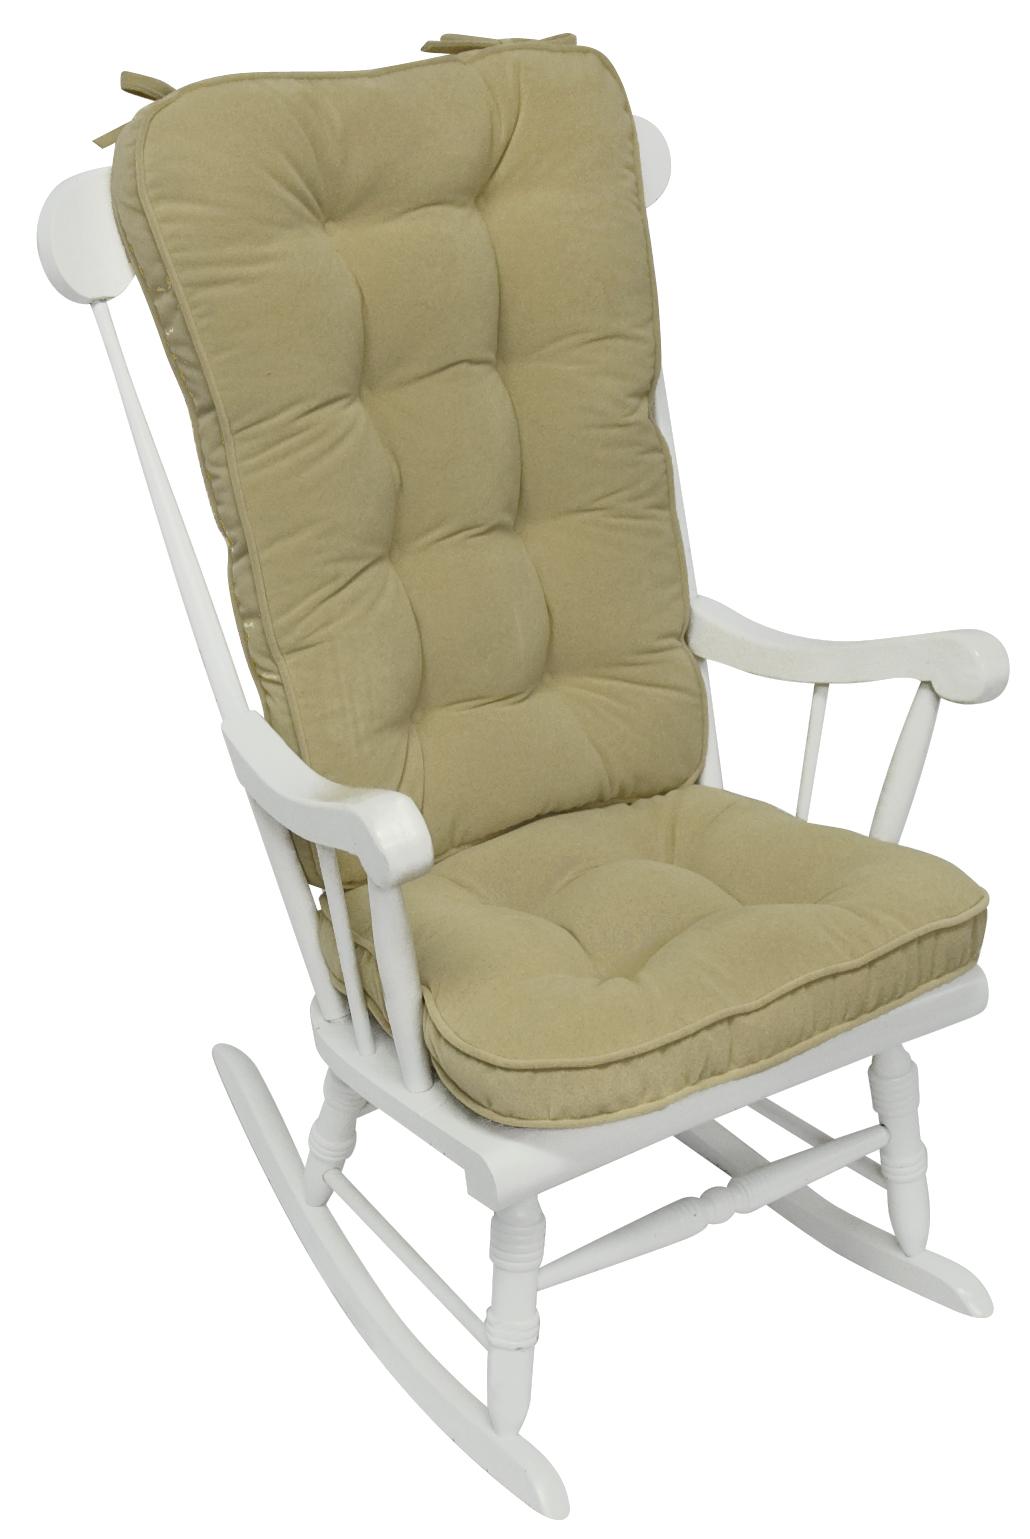 ROCKING CHAIR BACK CUSHION  Chair Pads  Cushions